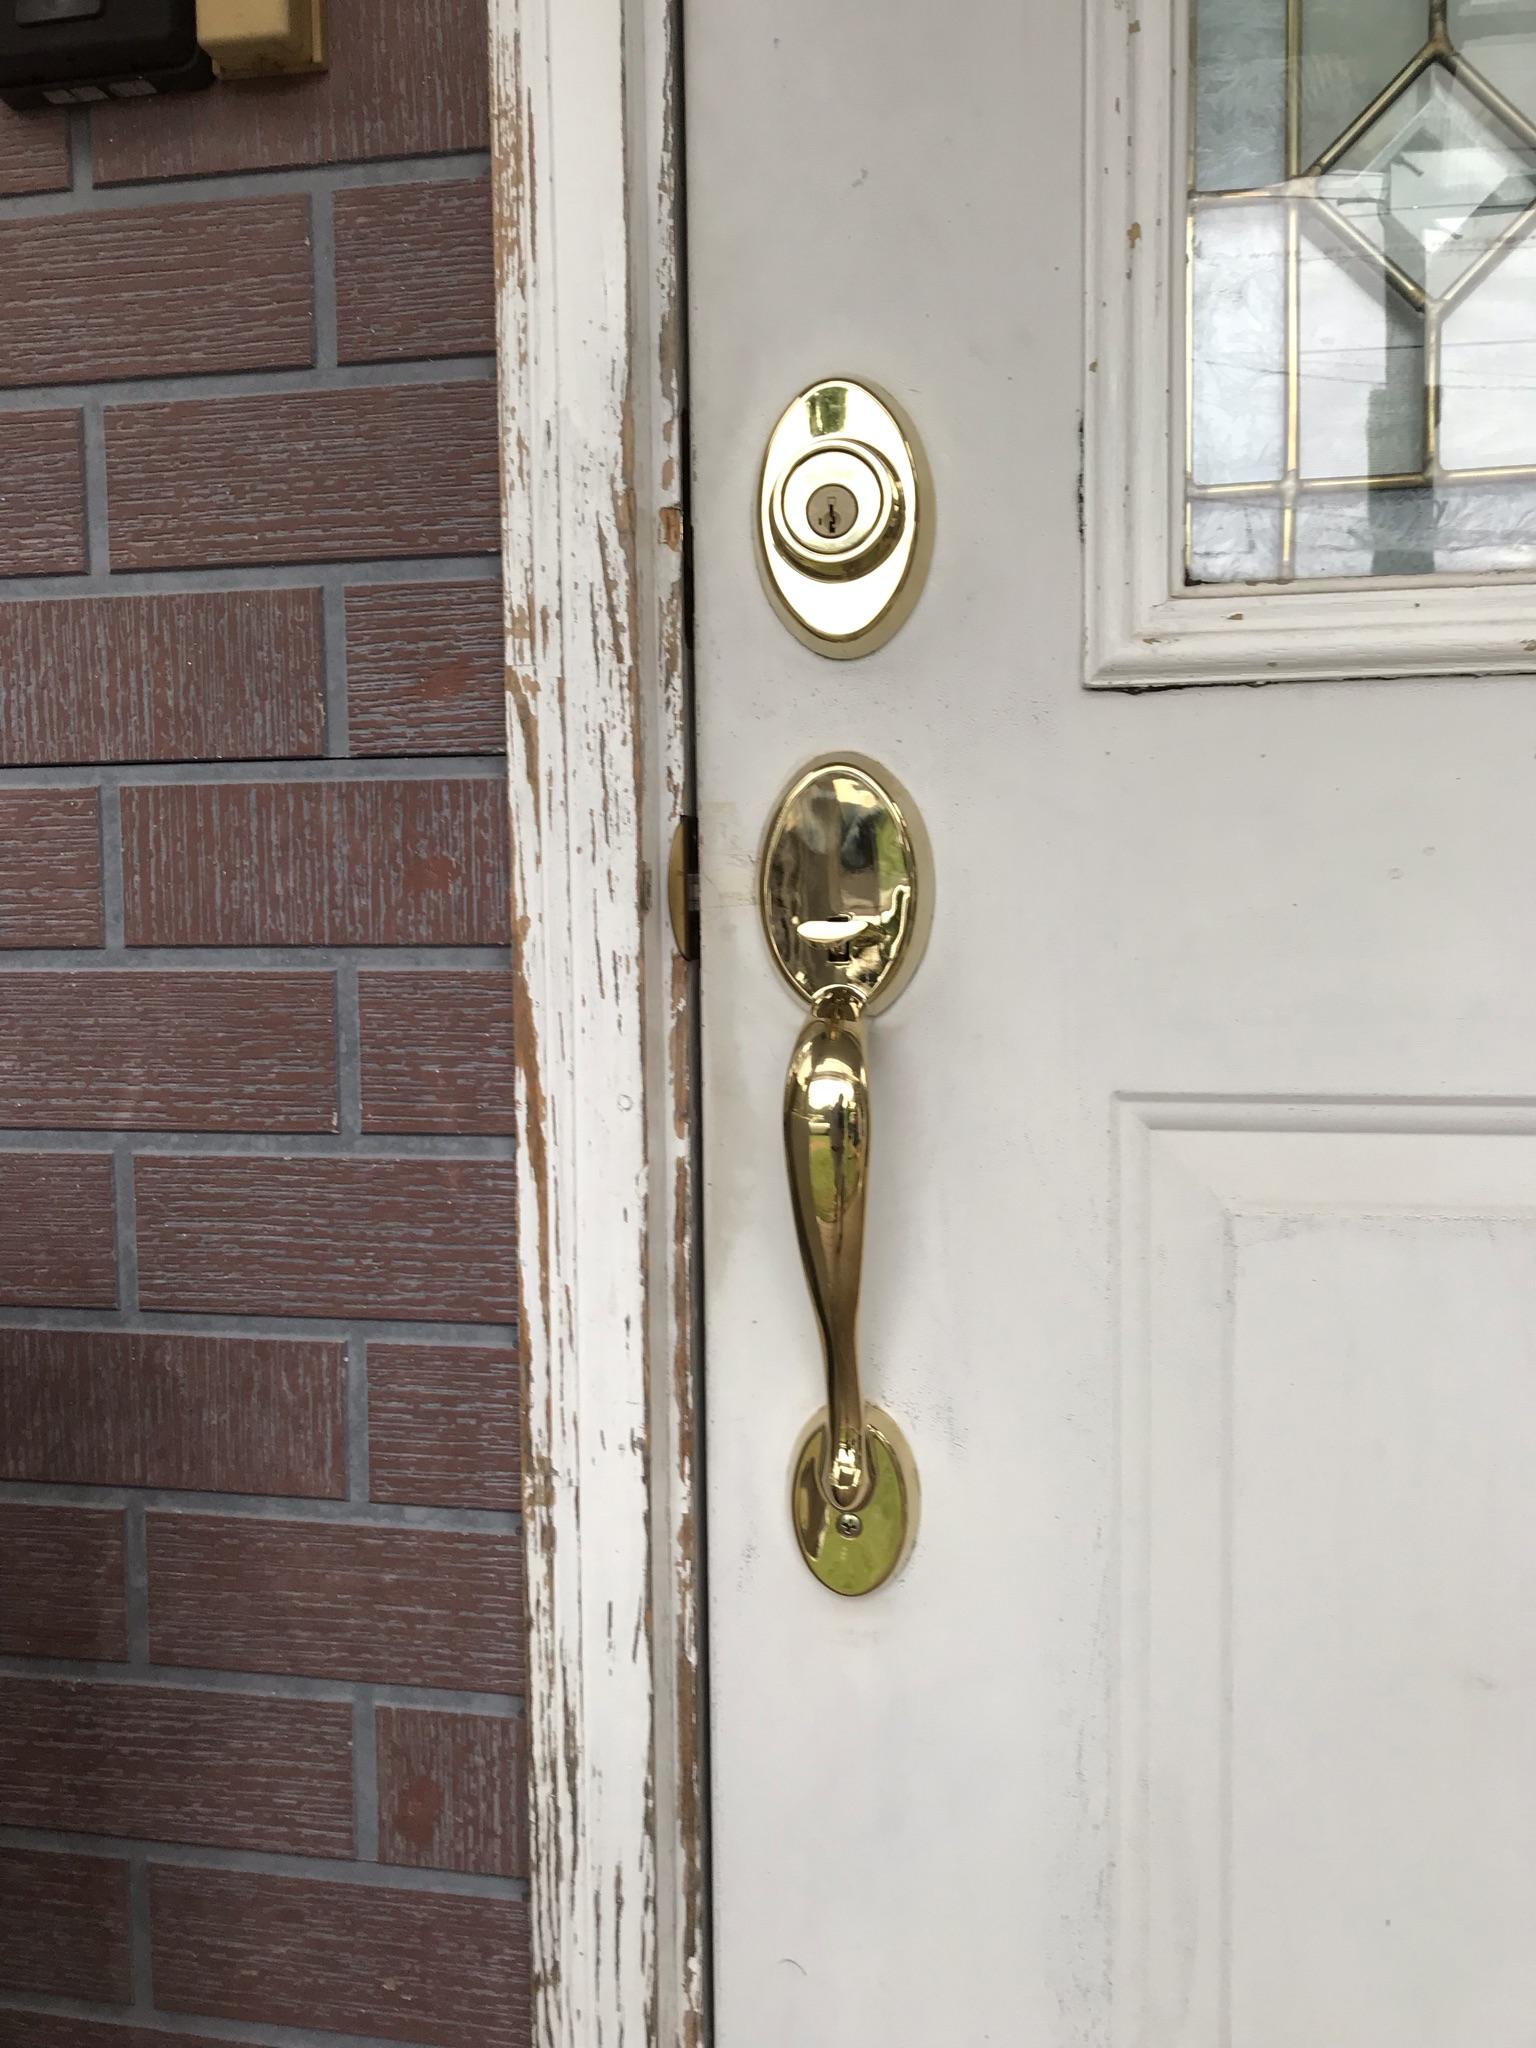 伊奈町輸入住宅全体メンテナンス工事で不具合の玄関ドア錠交換工事後外側